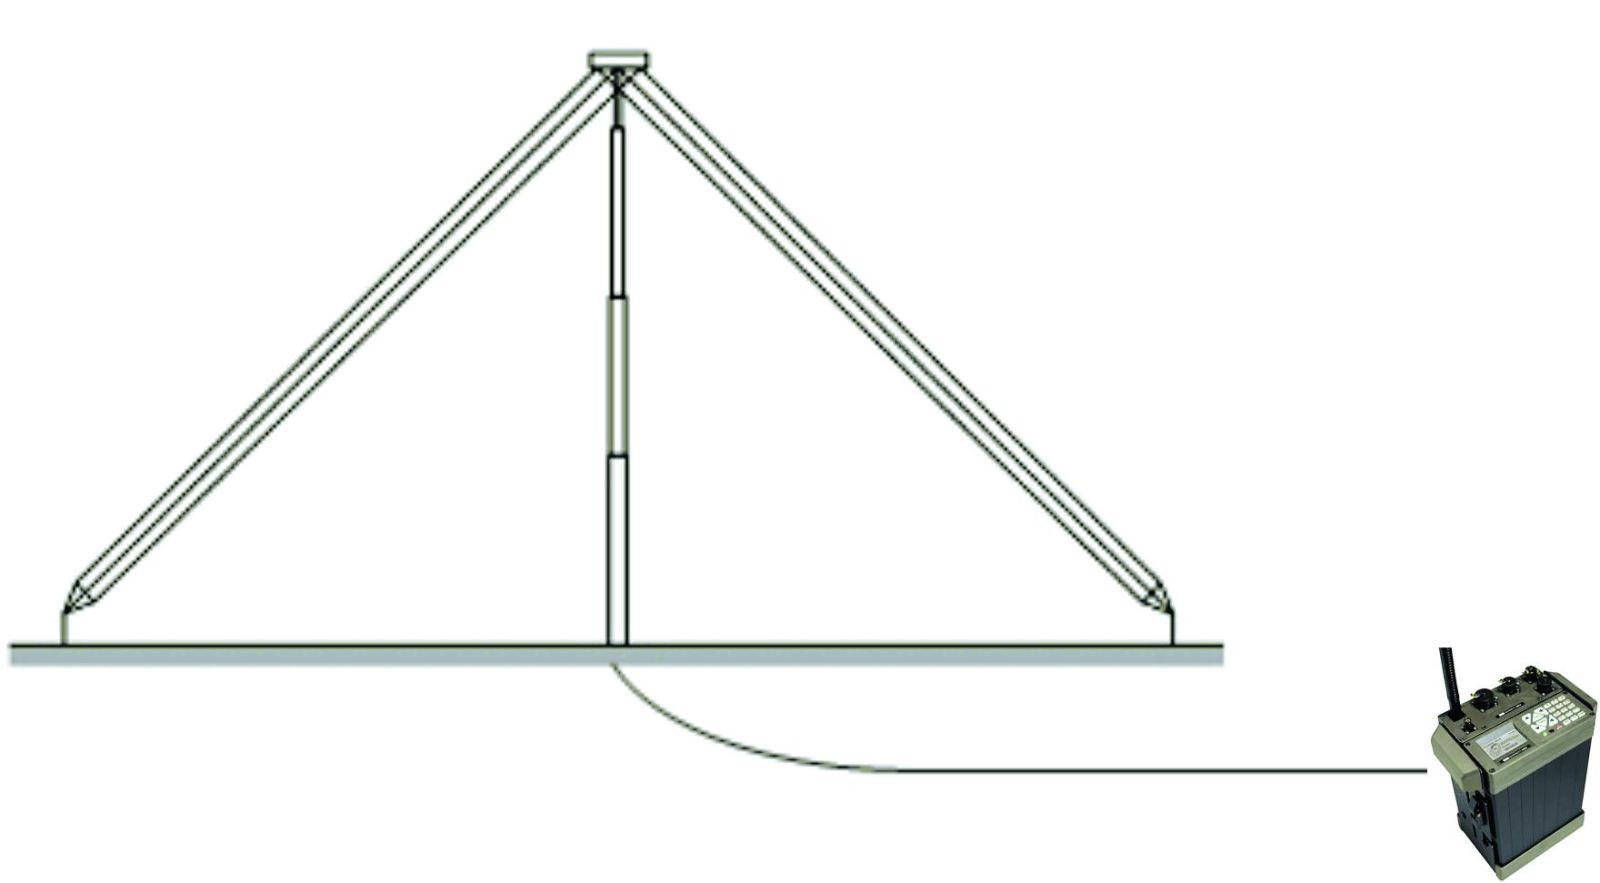 24米短波水平天线塔地面架设示意图